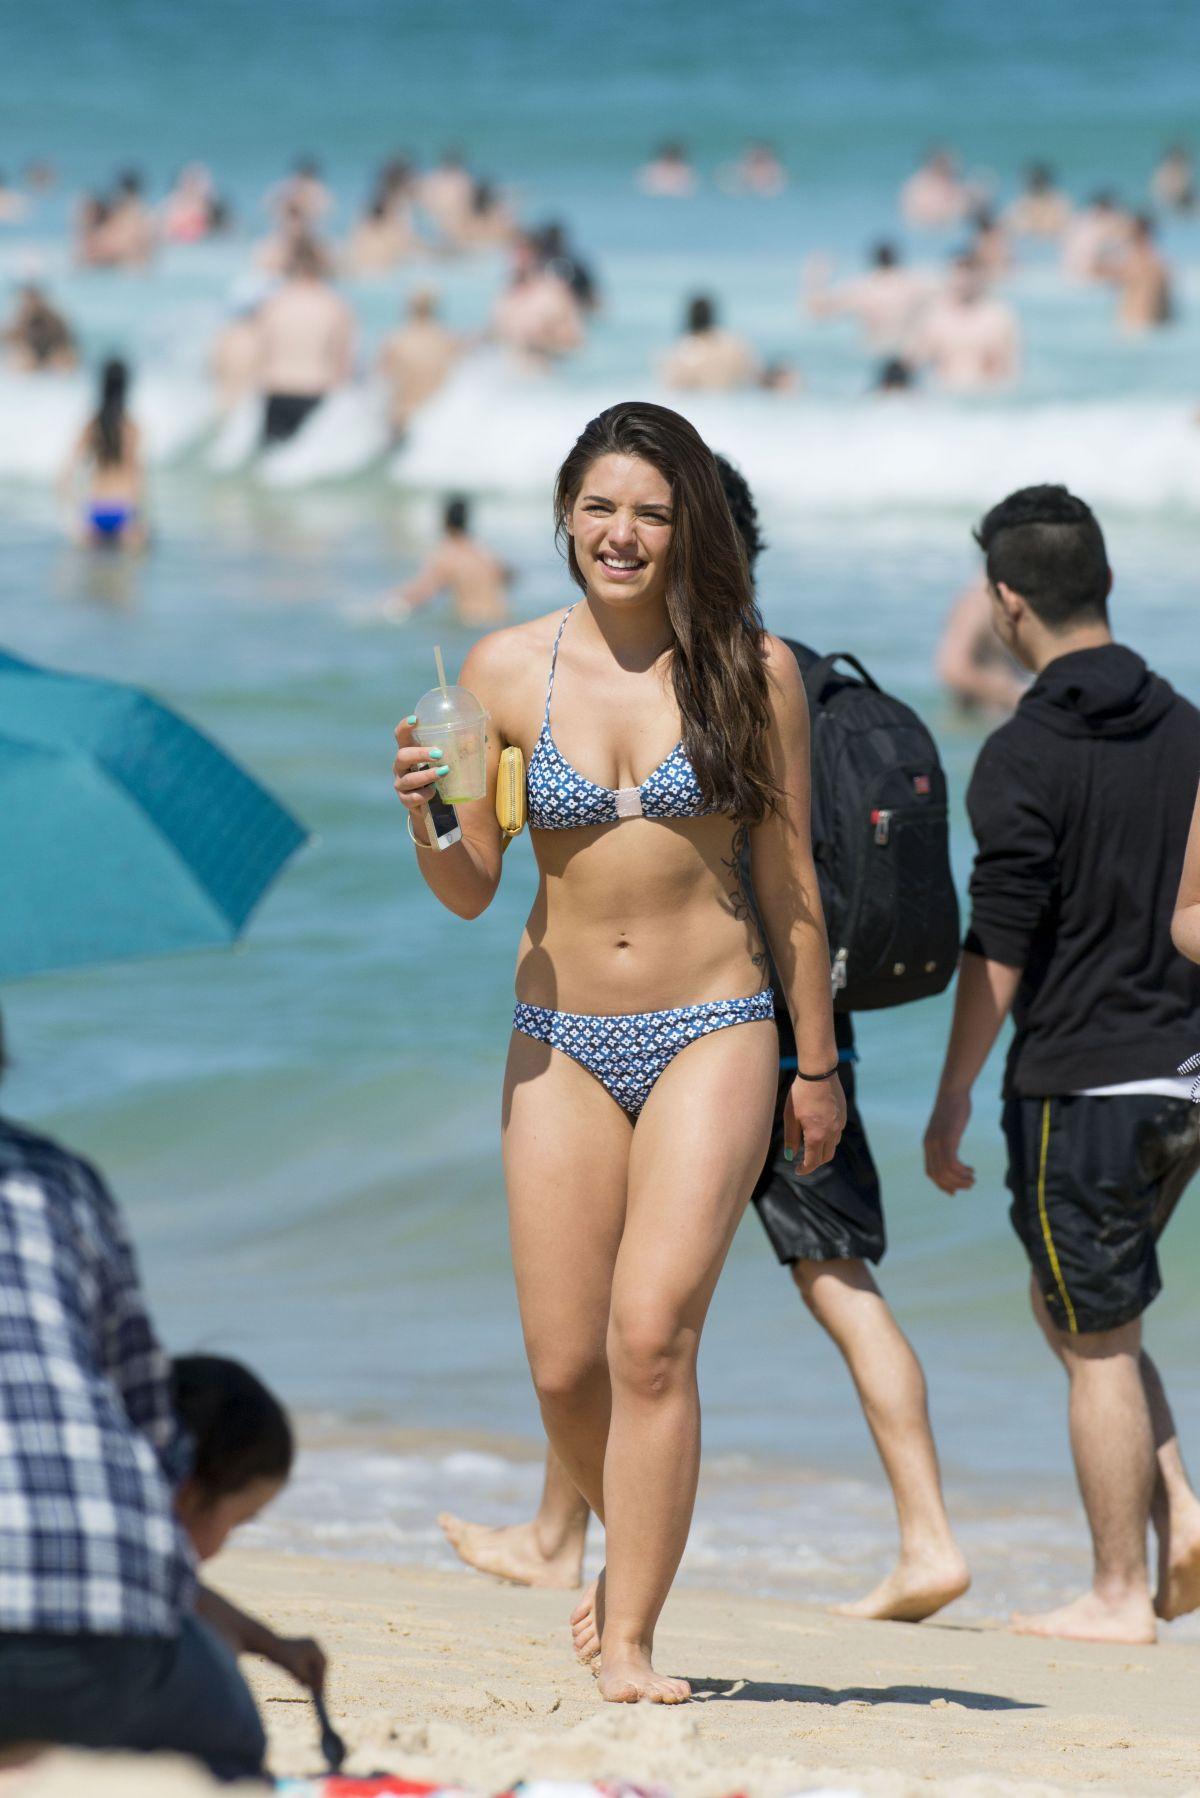 OLYMPIA VALANCE in Bikini on the Bondi Beach - HawtCelebs